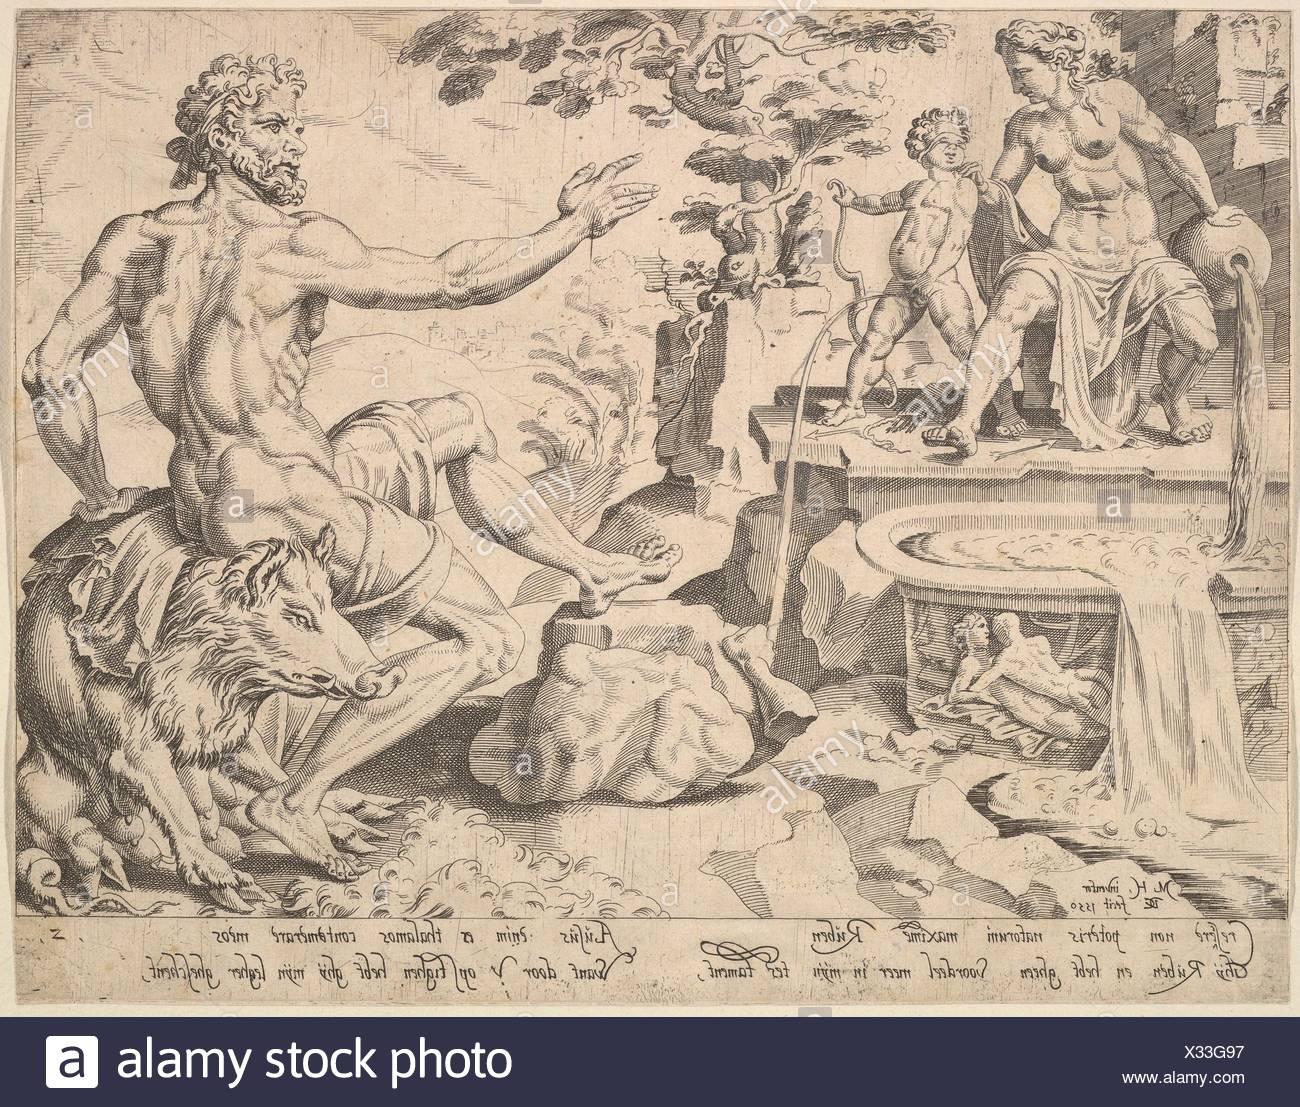 Ruben [Genesis 49:3-4], aus der Reihe der Zwölf Patriarchen. Artist: Nach Maarten van Heemskerck (Niederländischen, Heemskerck 1498-1574 Haarlem); Stockbild